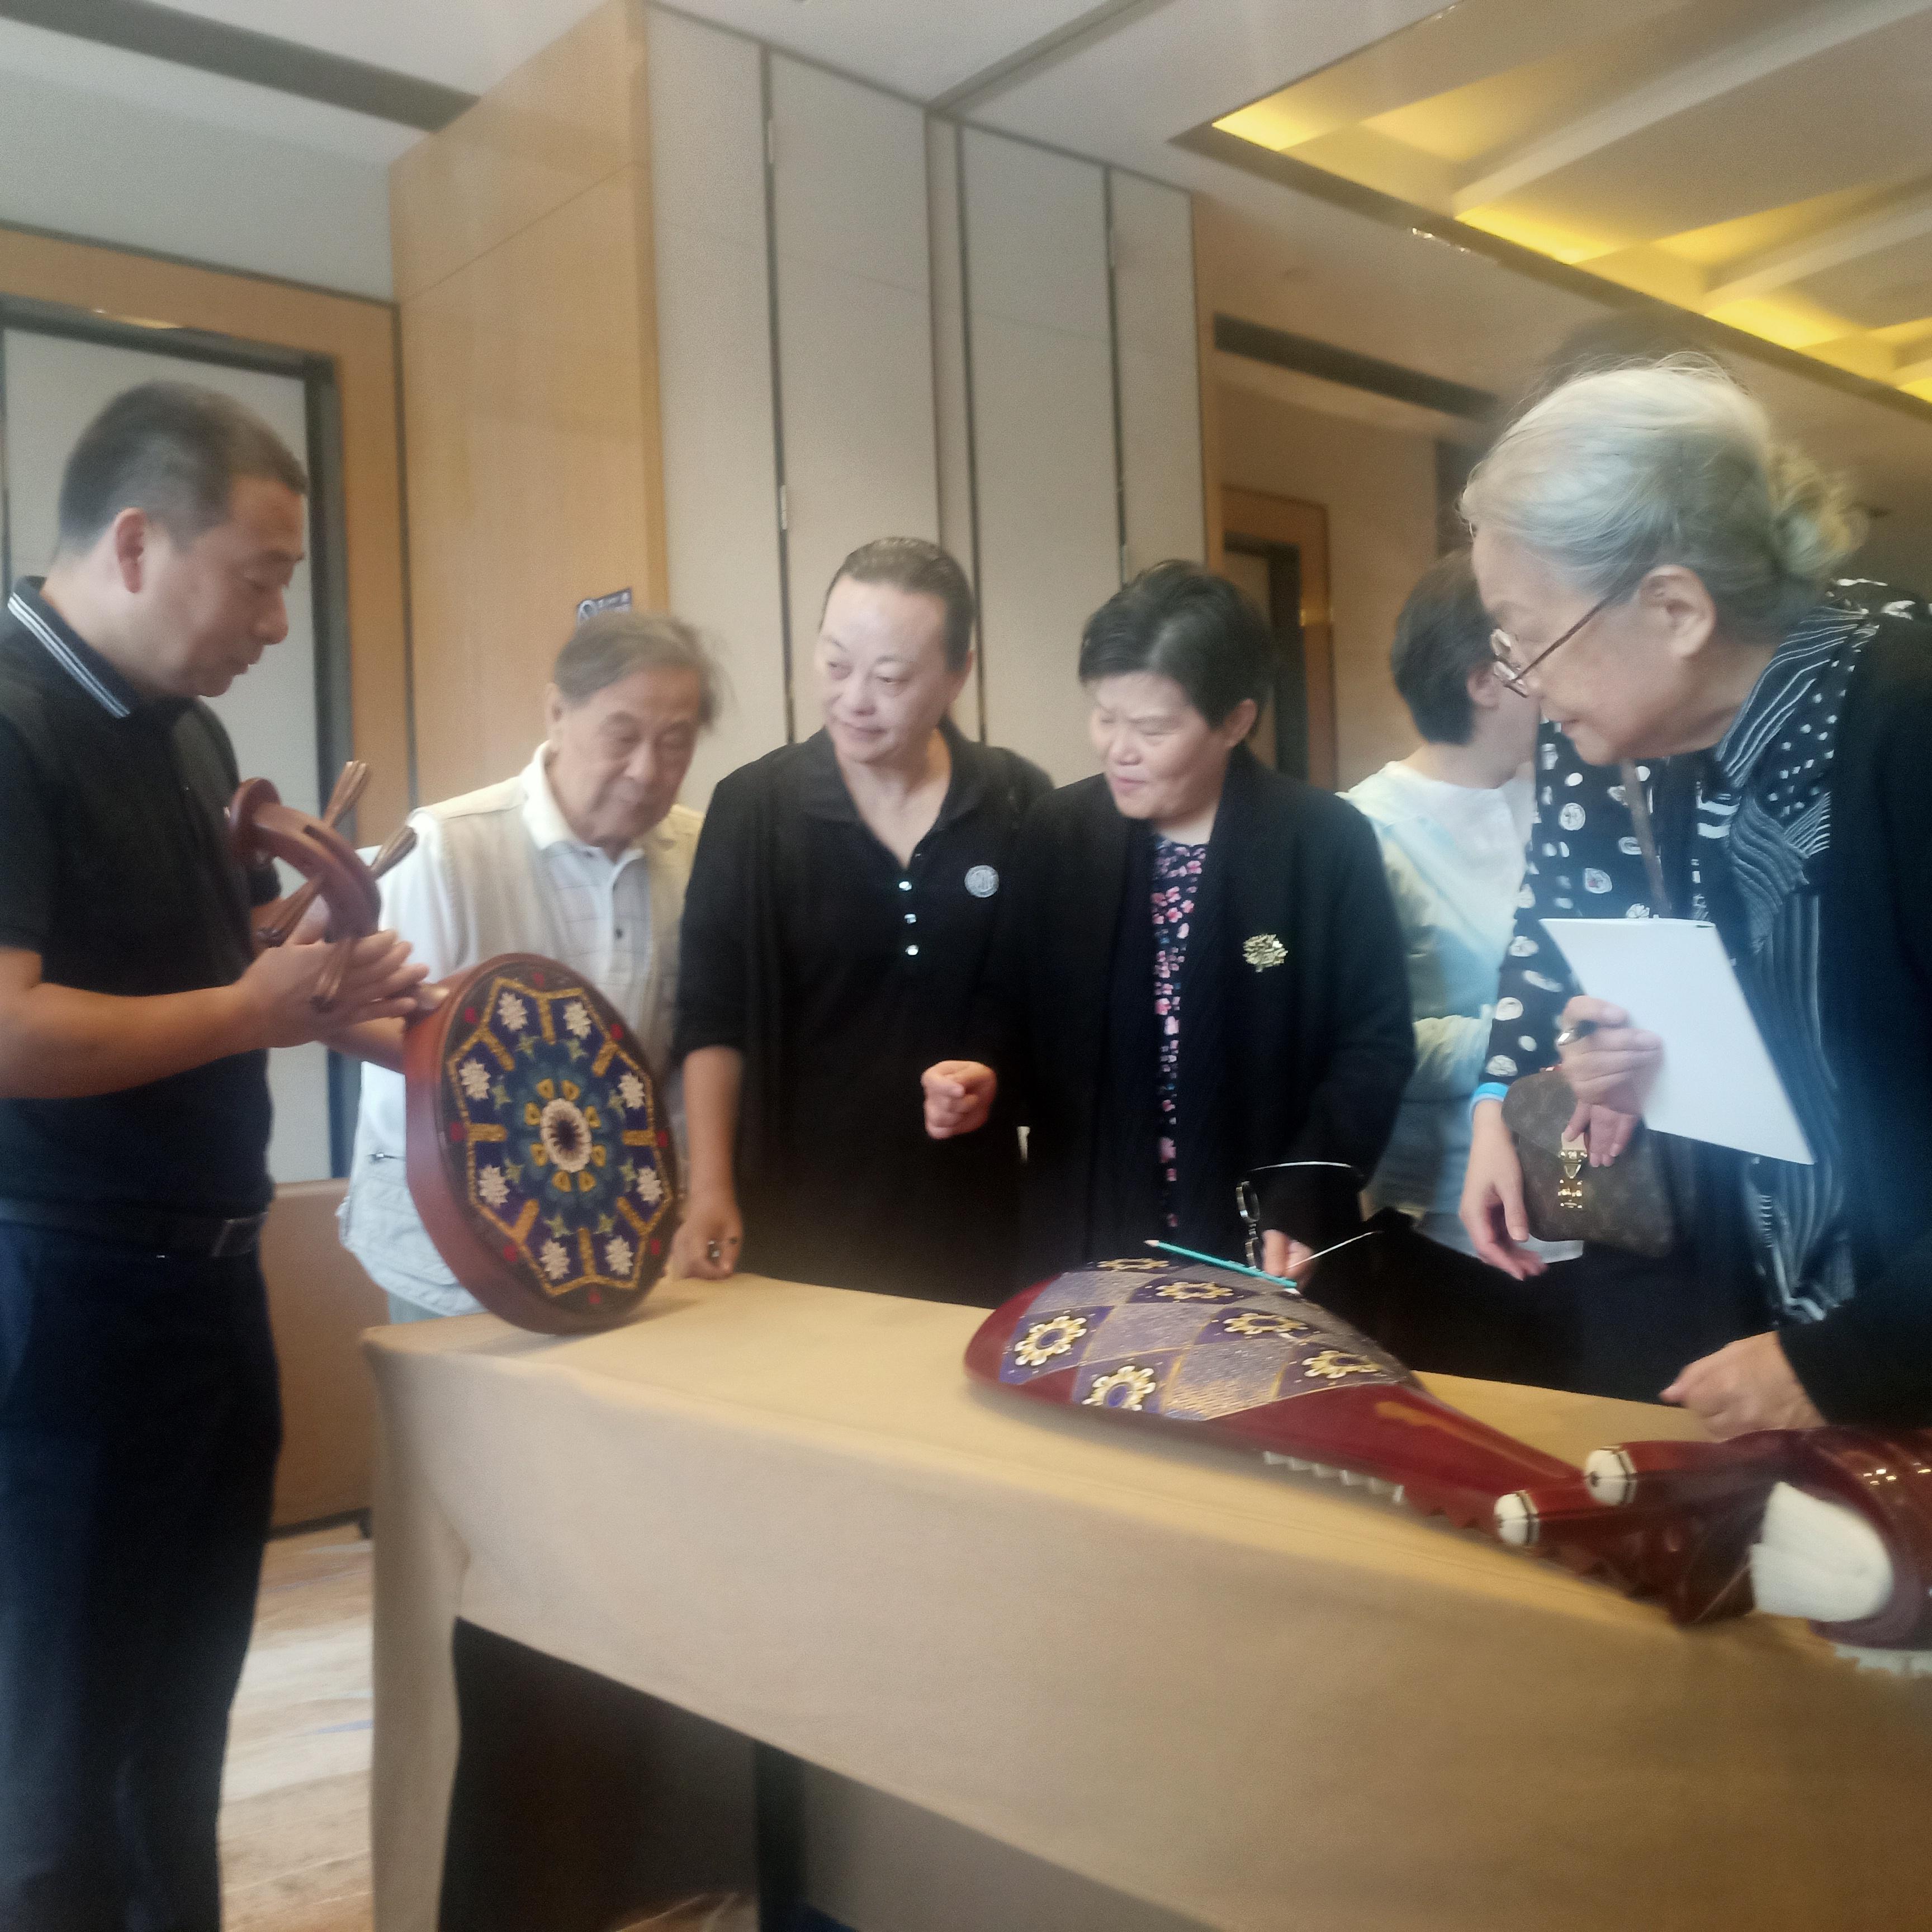 景泰蓝:让老百姓享用到实用化传统艺术